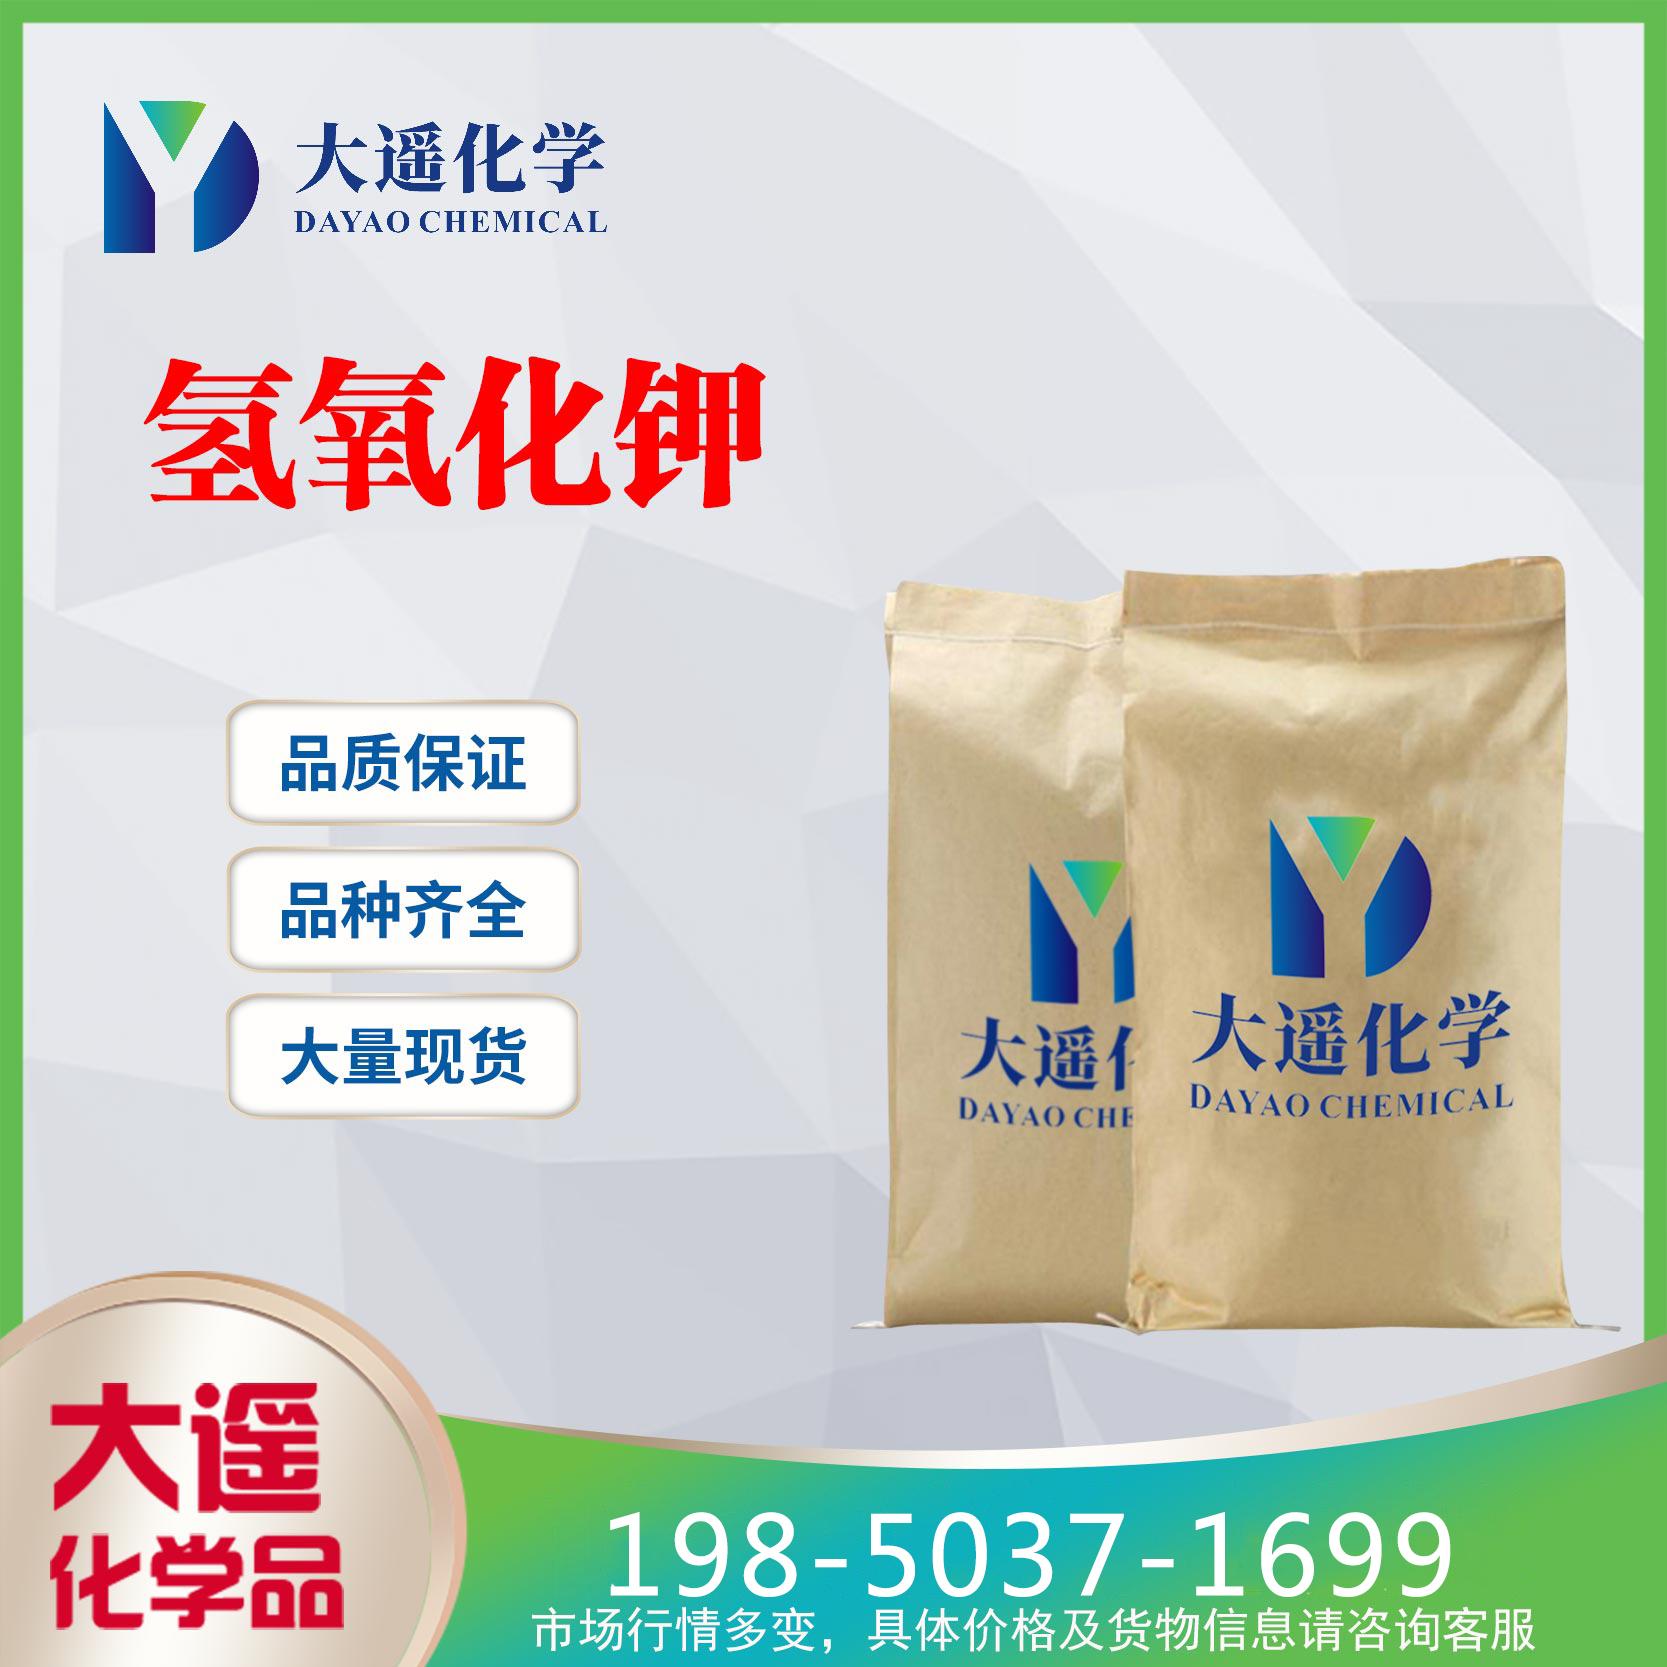 现货供应 氢氧化钾 苛性钾 KOH 国产工业级各品牌  1310-58-3